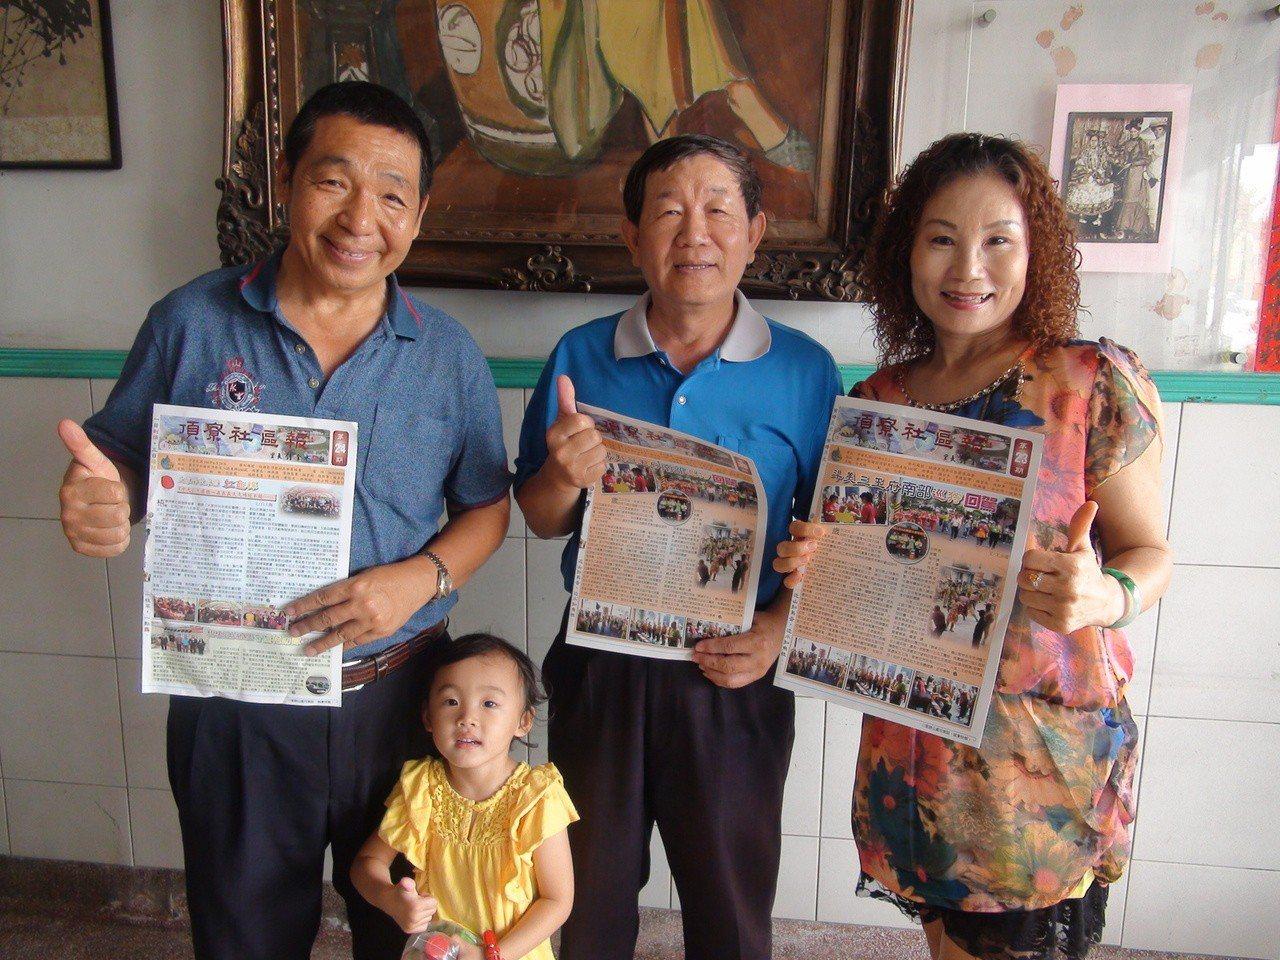 台中梧棲頂寮社區發展協會推出「頂寮社區報」迄今8年,每4個月出刊一次,每期出刊2...